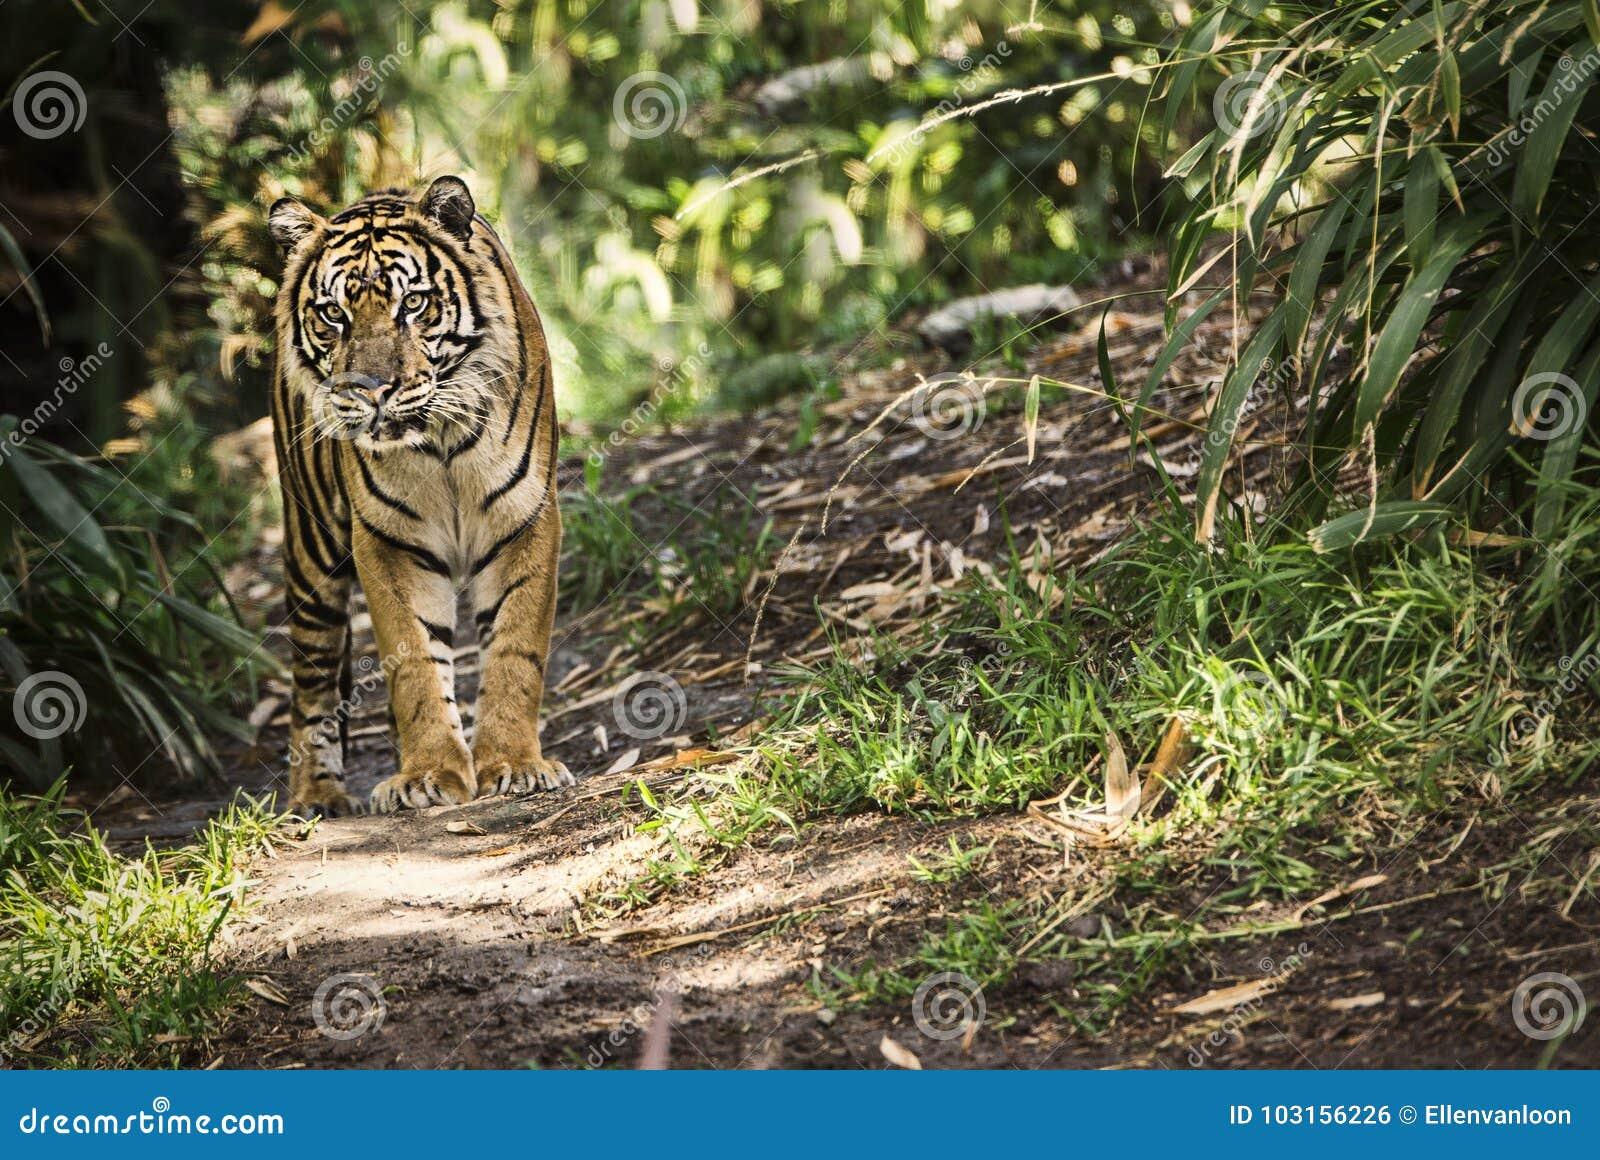 Tigre che cammina intorno